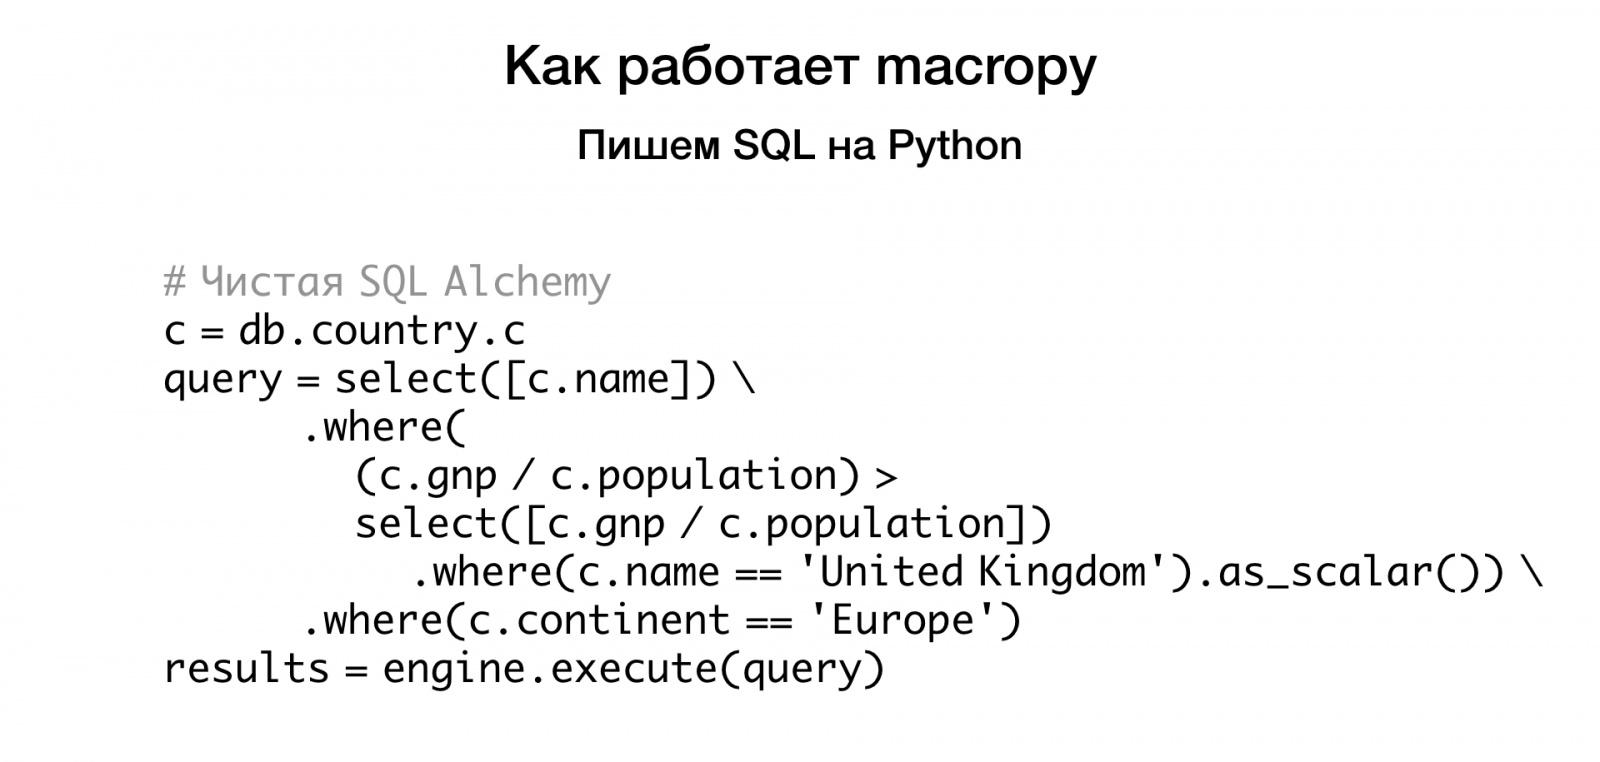 Макросы для питониста. Доклад Яндекса - 28